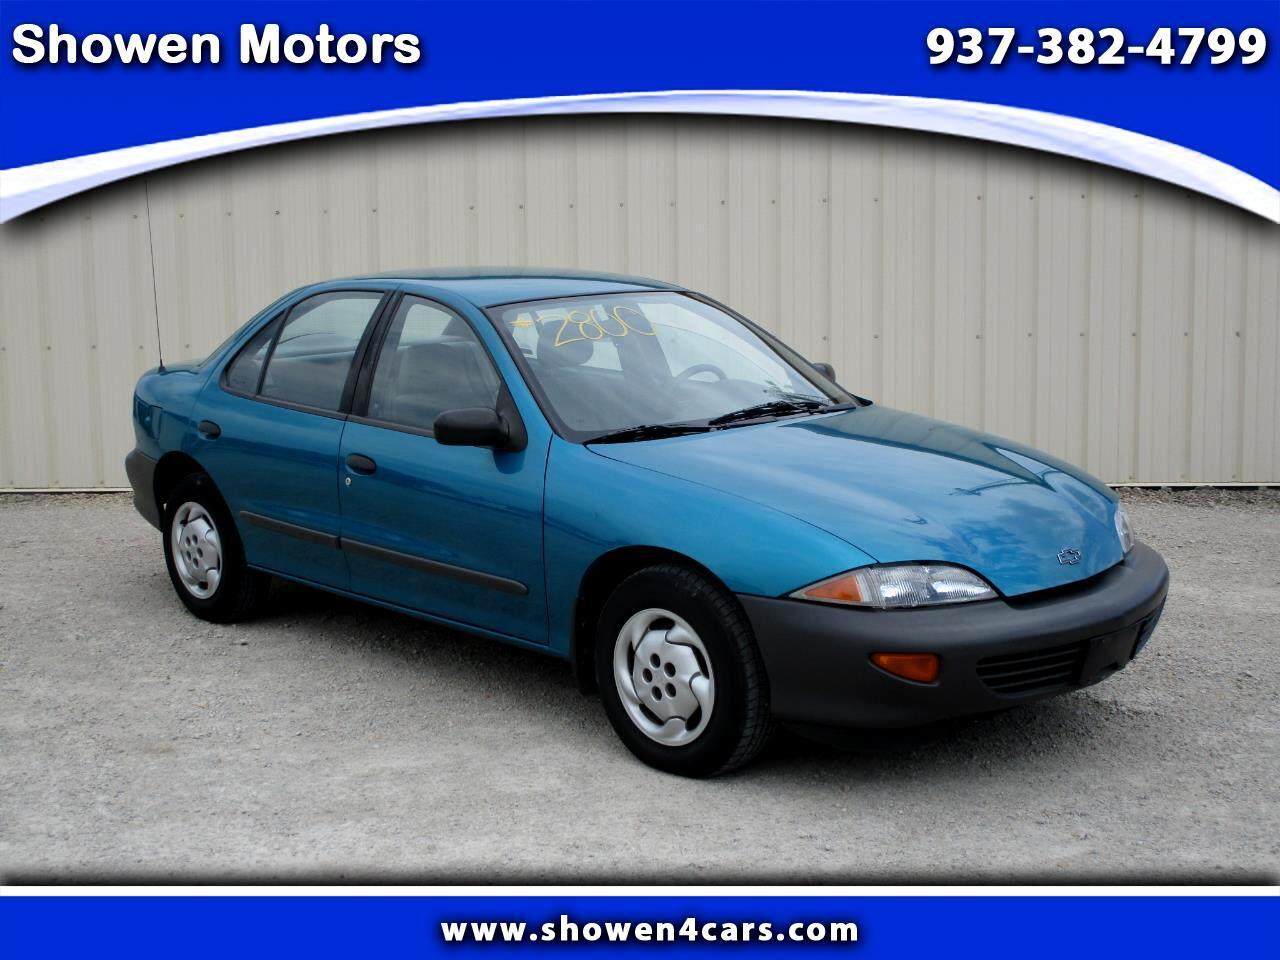 1996 Chevrolet Cavalier Sedan